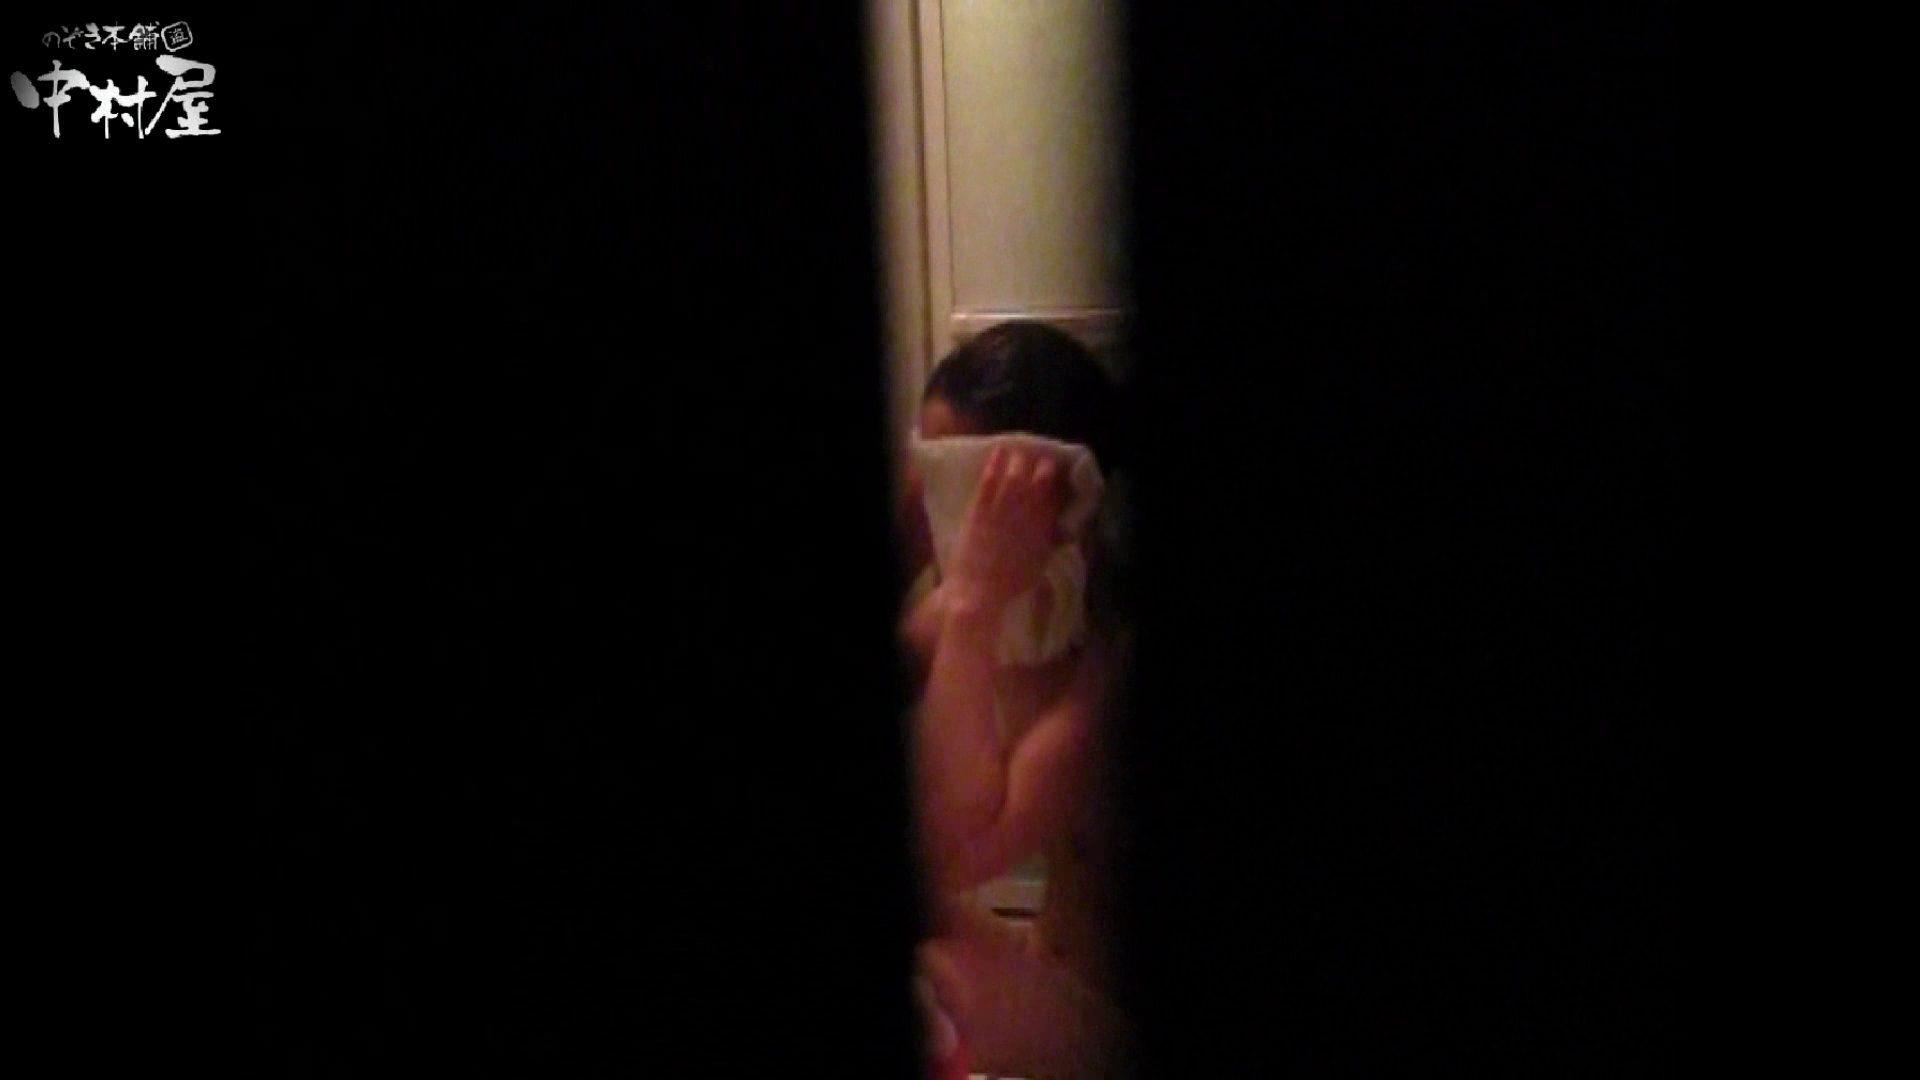 民家風呂専門盗撮師の超危険映像 vol.004 民家   美少女ヌード  80pic 11